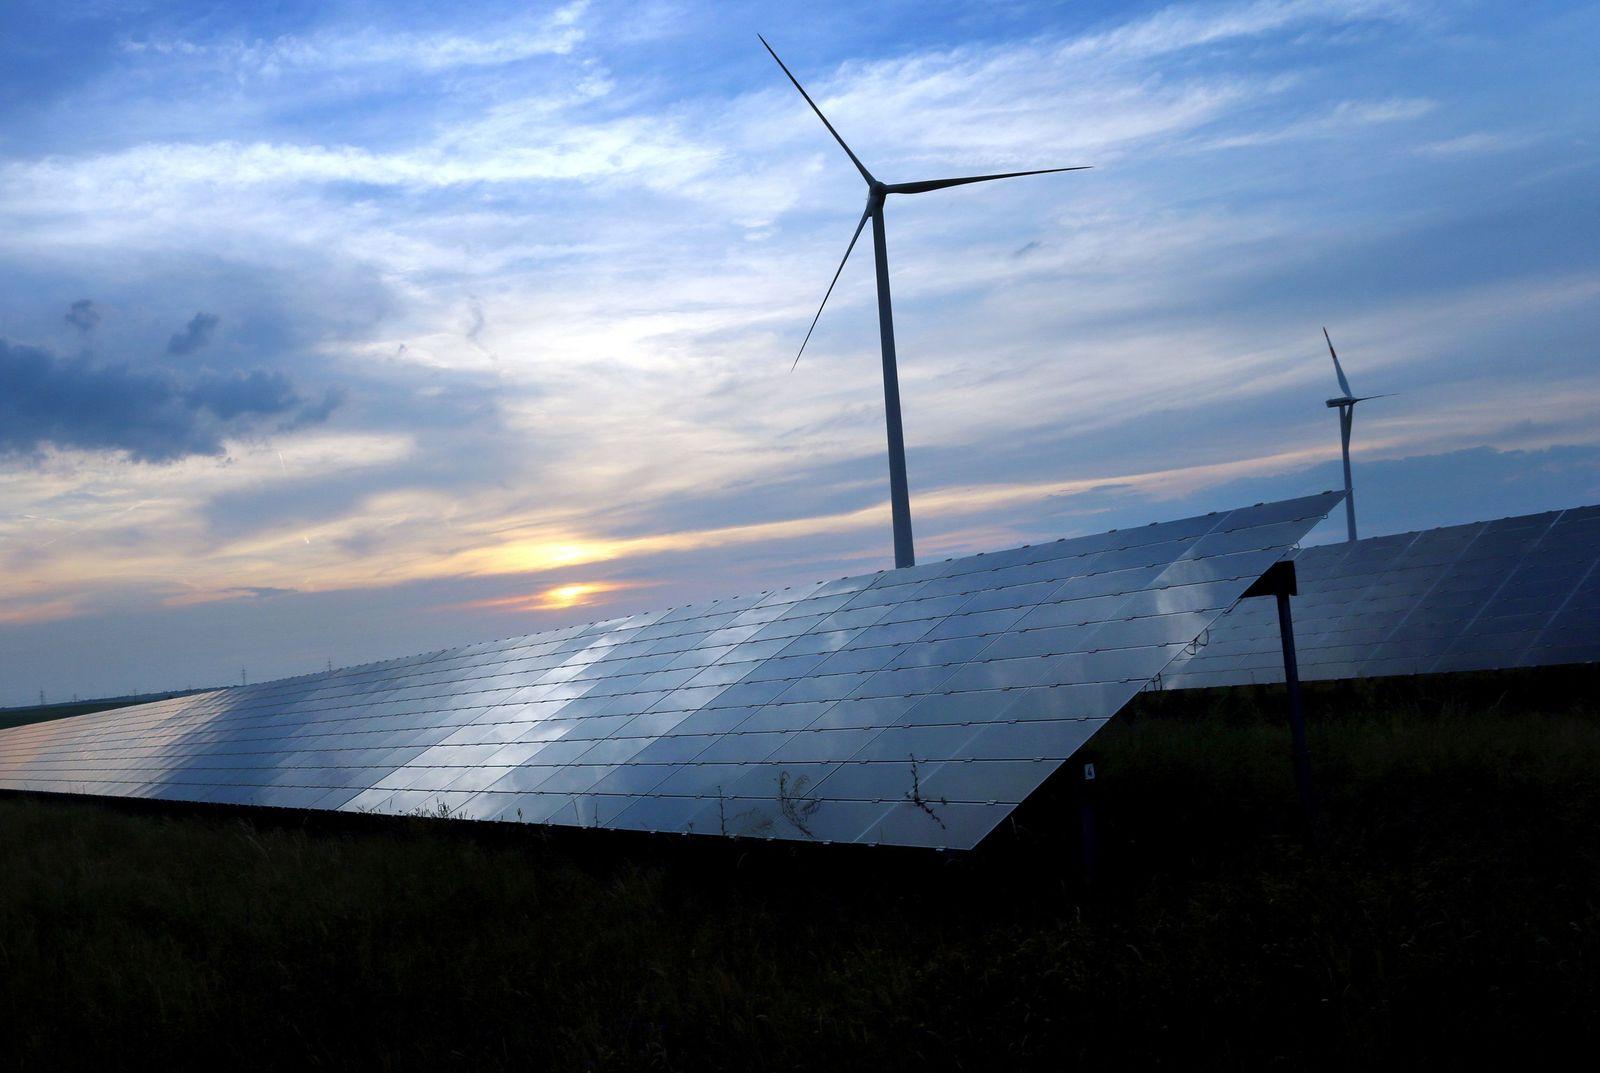 Erneuerbare Energien Windkraft Sonnenenergie